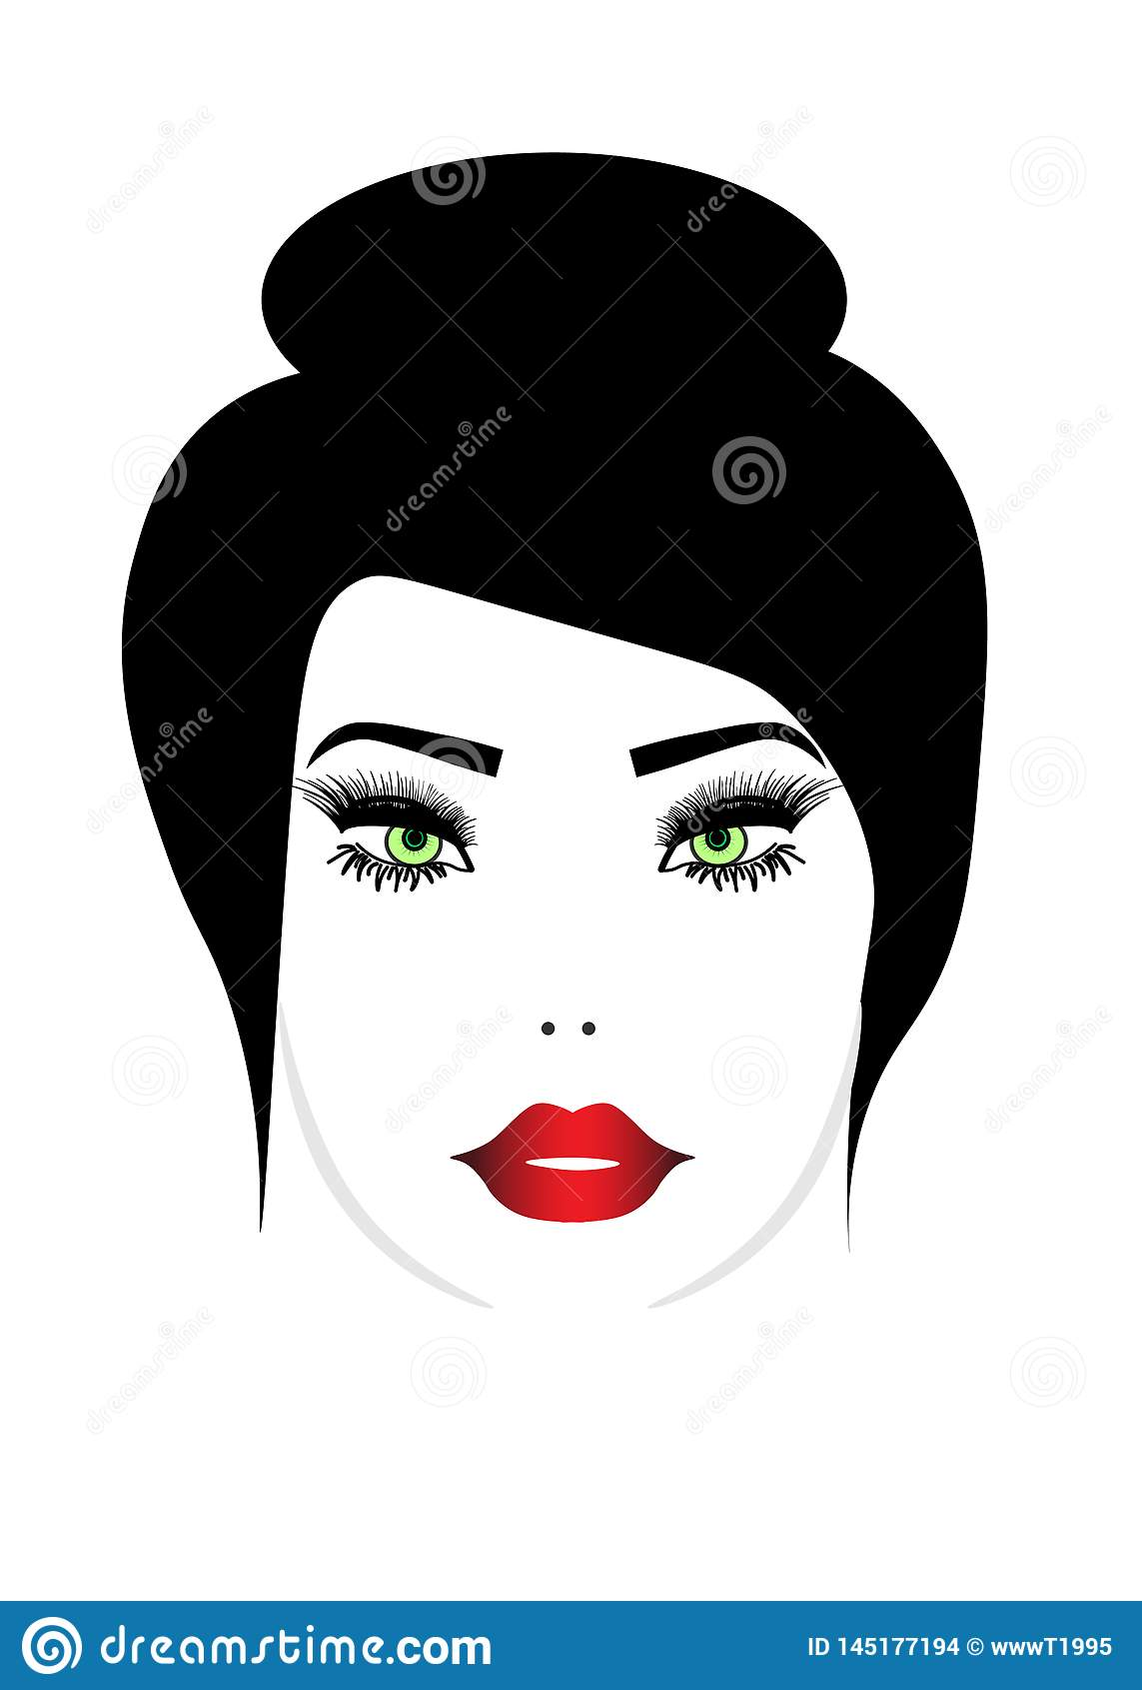 El ejemplo de la web del icono largo del estilo de pelo de las mujeres, mujeres del logotipo hace frente en el fondo blanco,